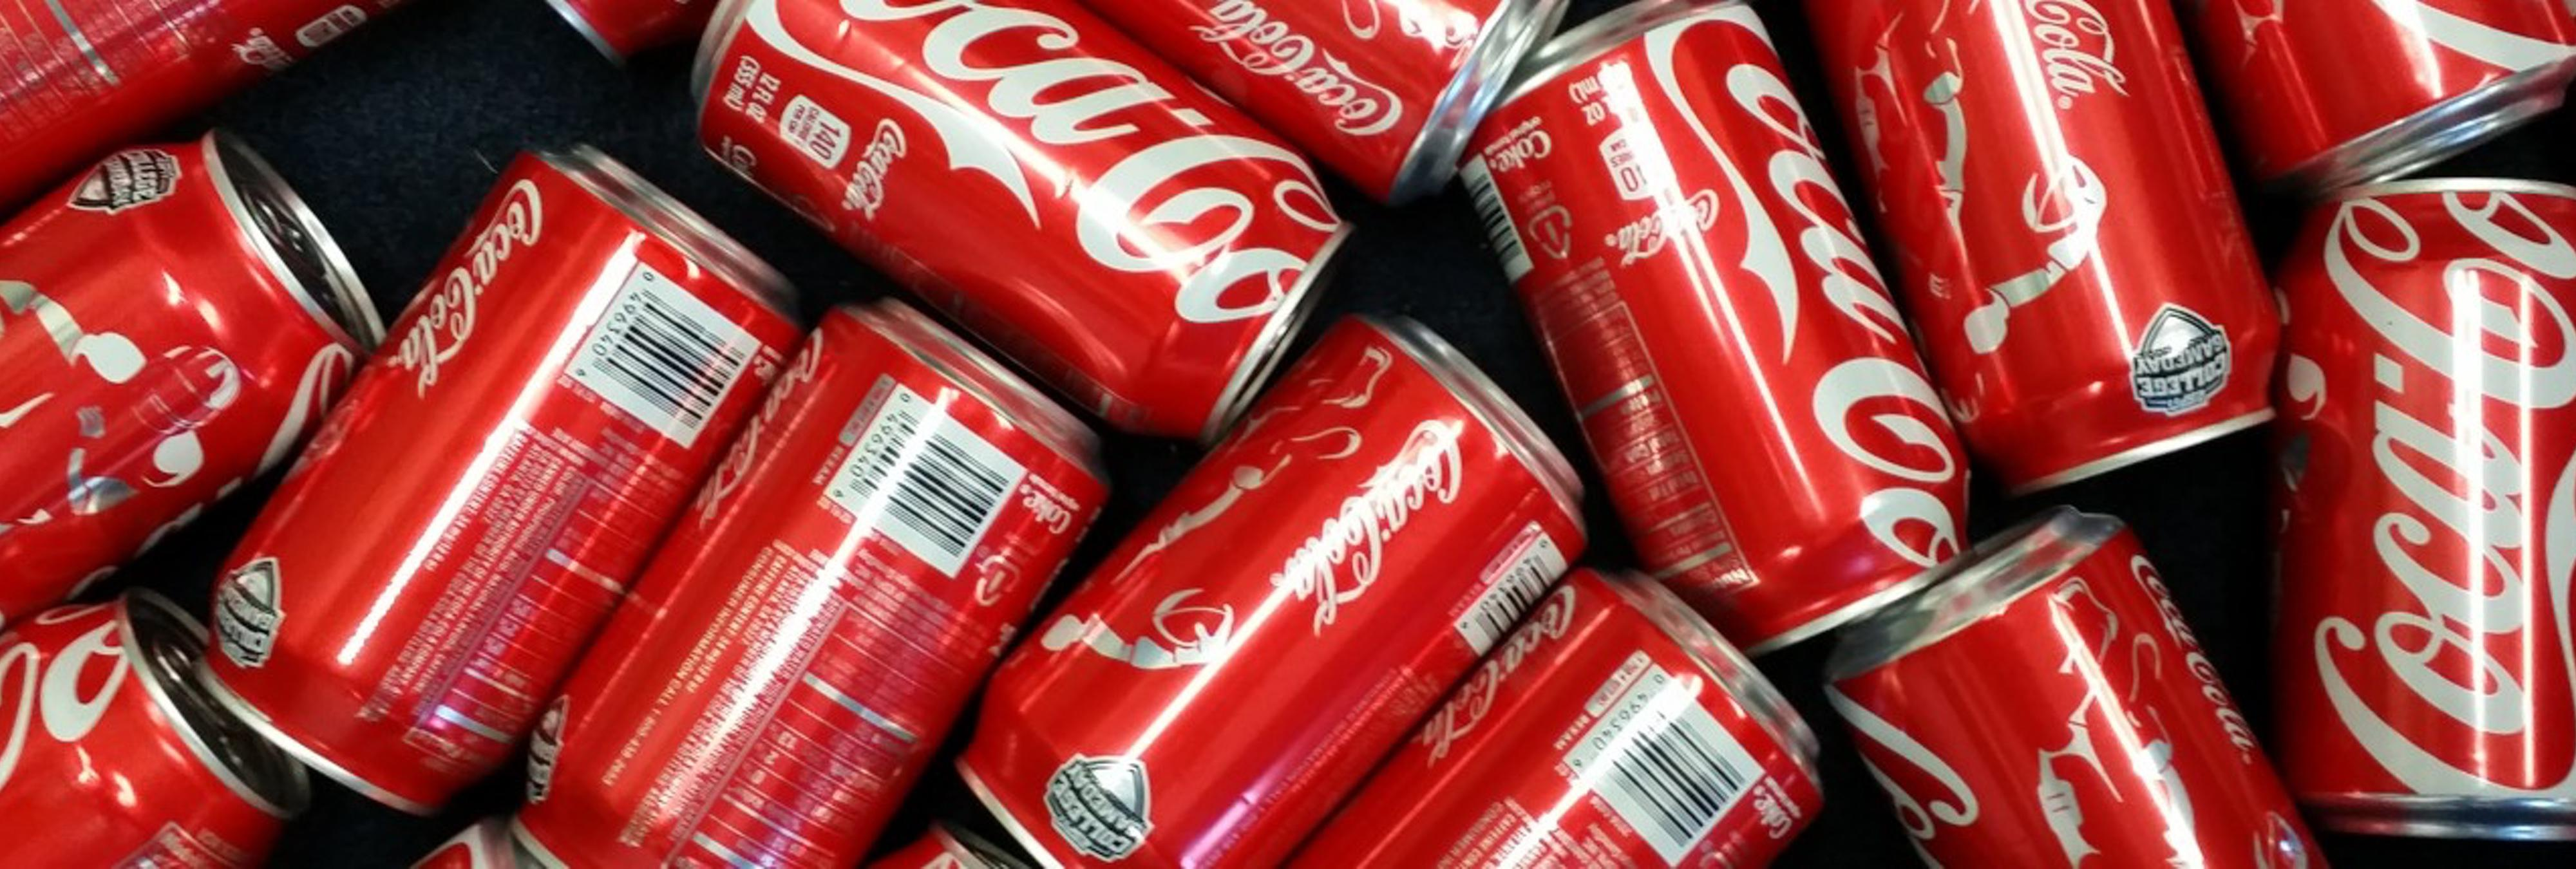 Esto es lo que le ocurre a tu cuerpo después de un mes bebiendo 10 latas diarias de Coca-Cola